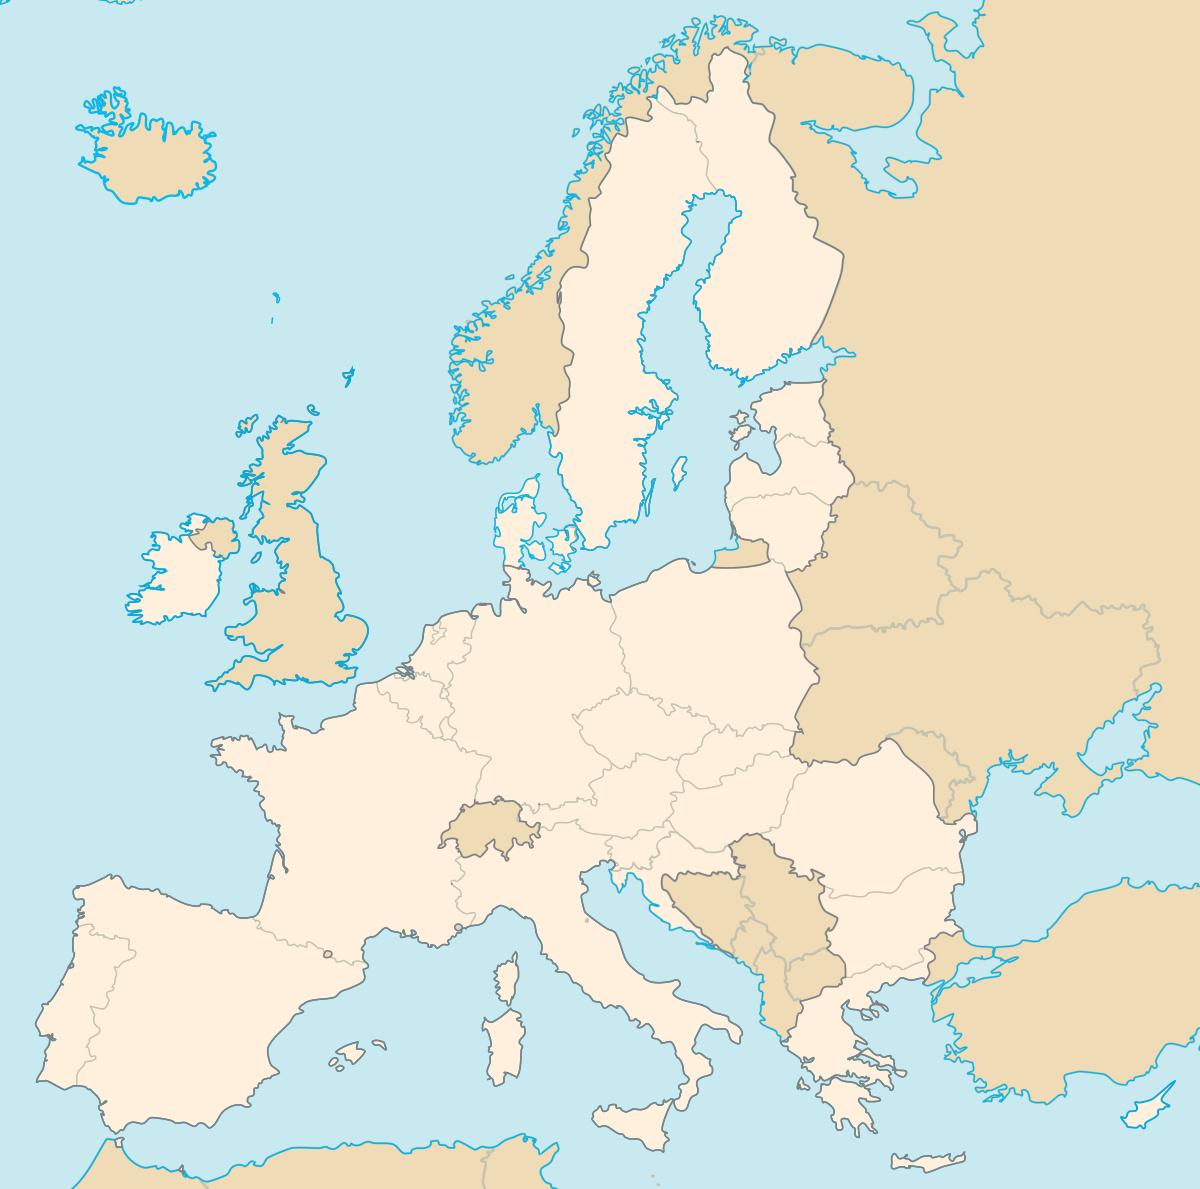 États Membres De L'union Européenne — Wikipédia encequiconcerne Les Capitales De L Union Européenne